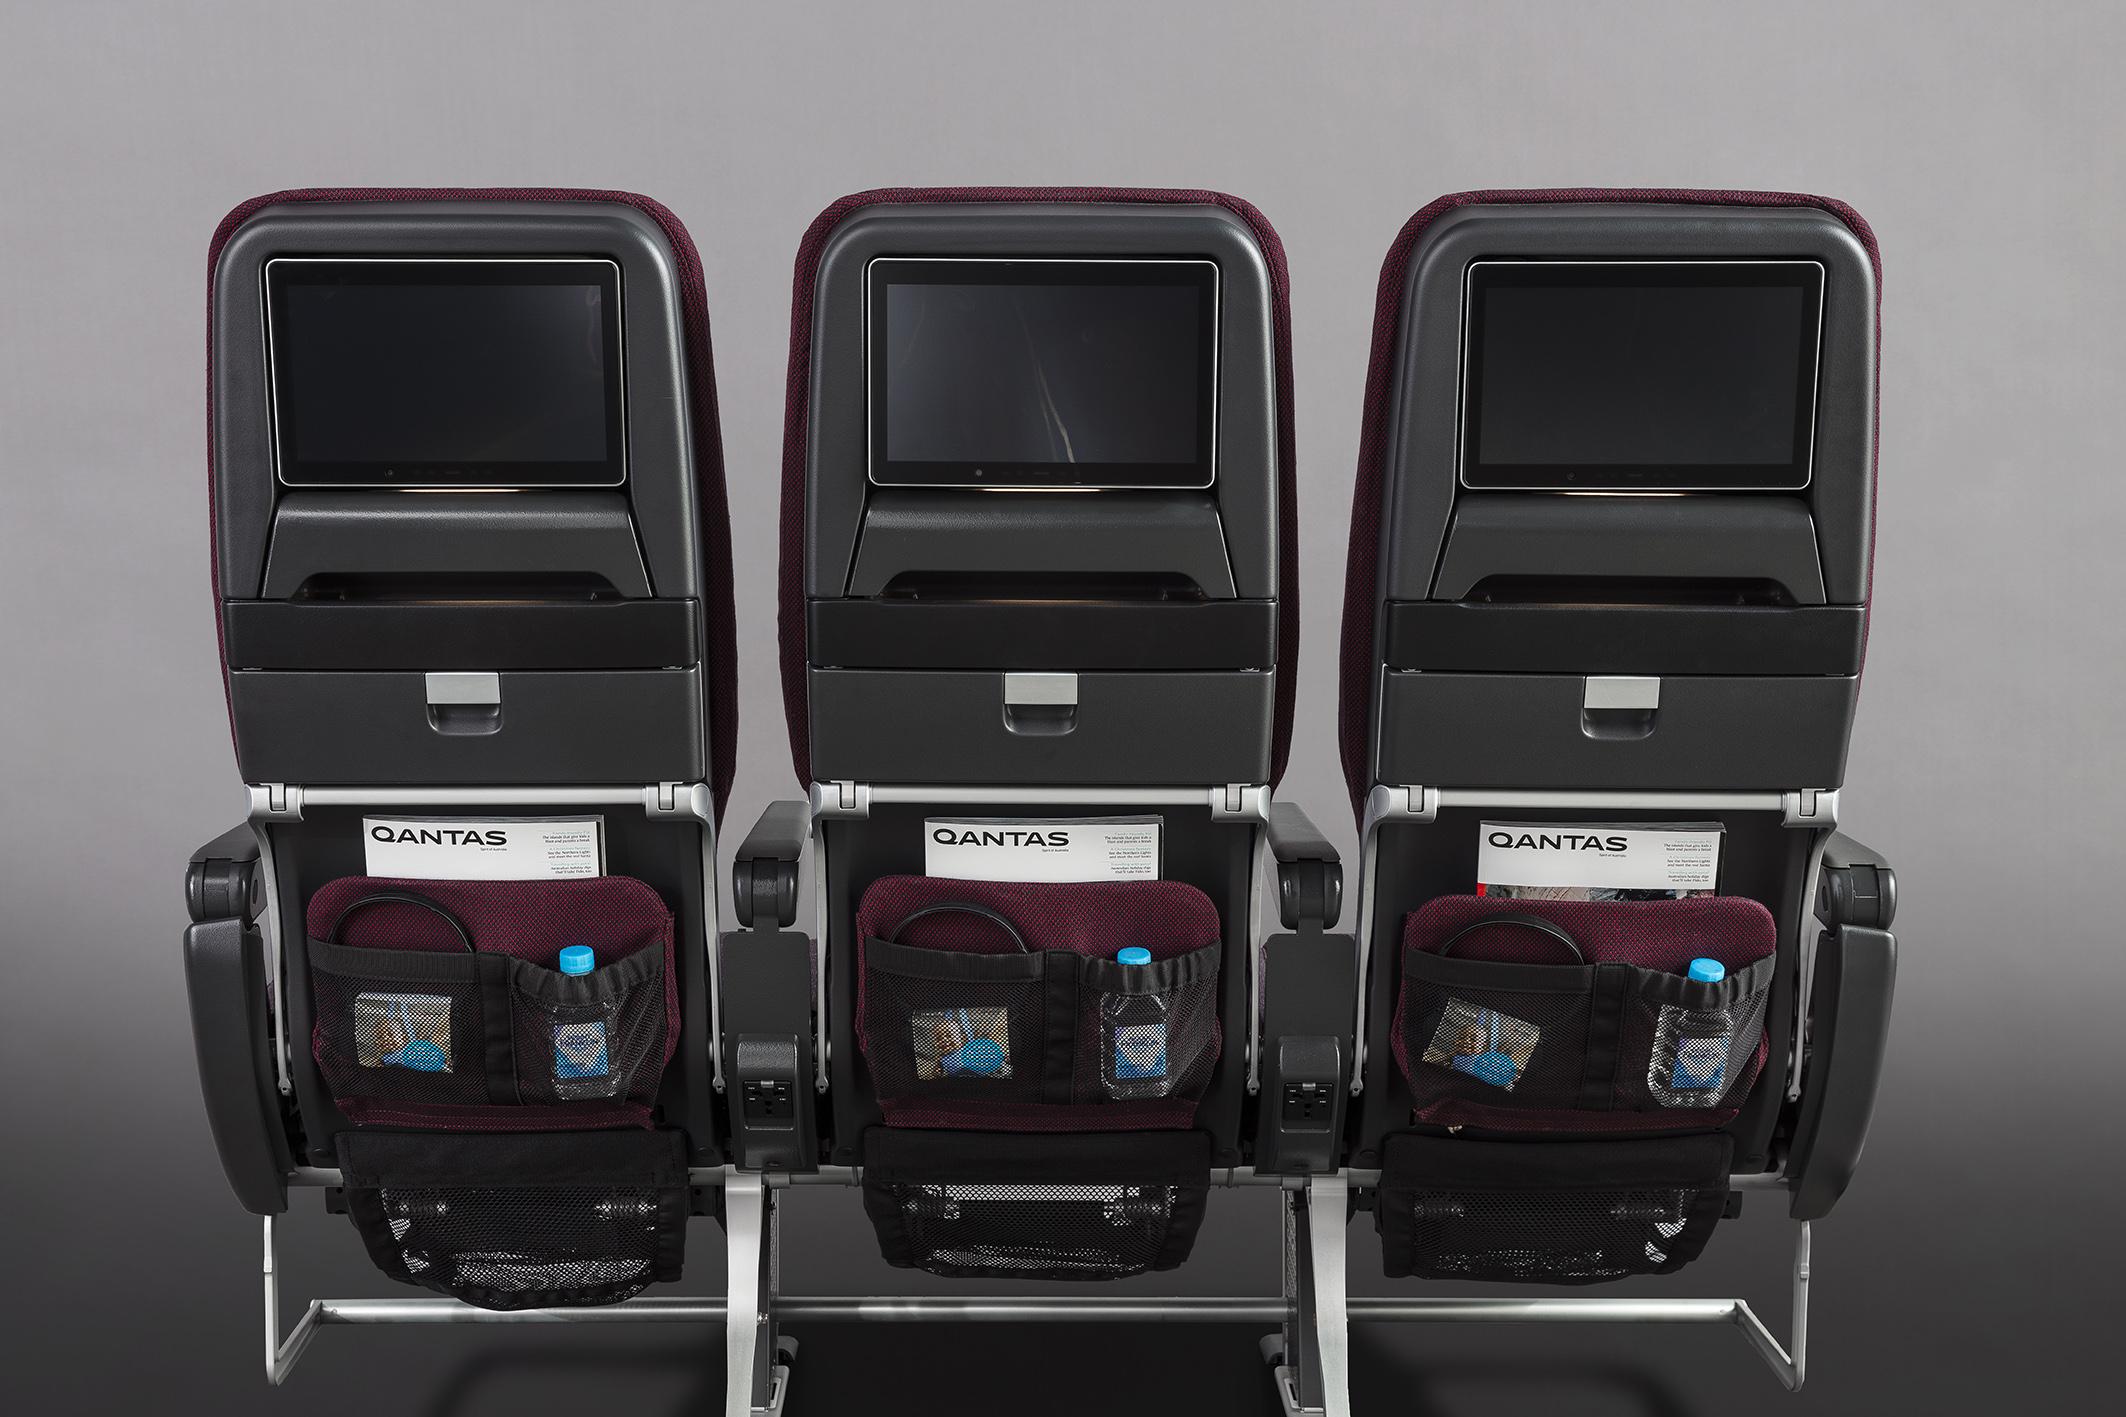 Caon_QF Seats_0A8A7857_RT_DE_v2.jpg